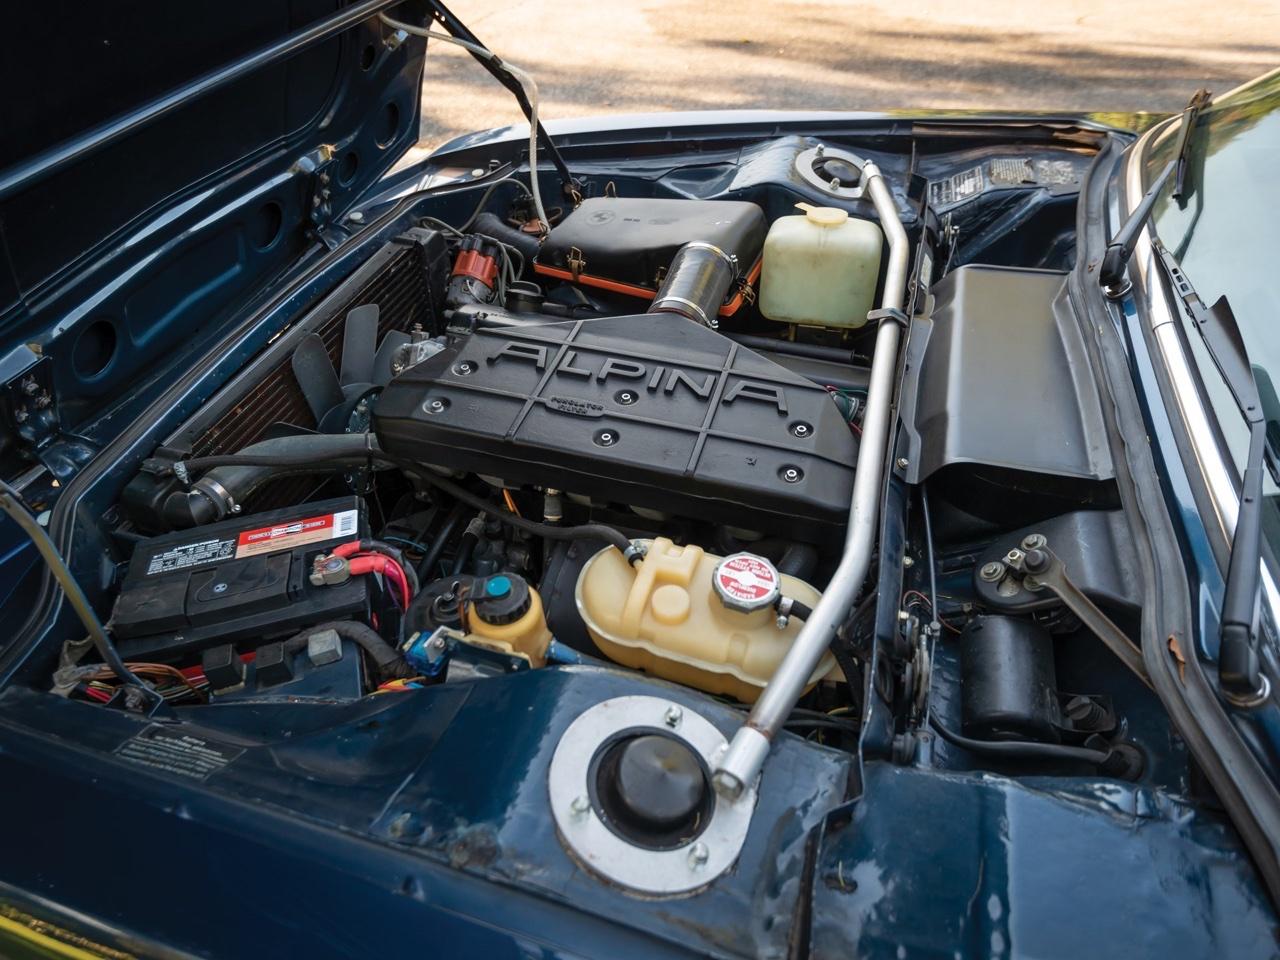 BMW E9 3.0 CS 1974 - Quand Alpina y fout son nez... 3